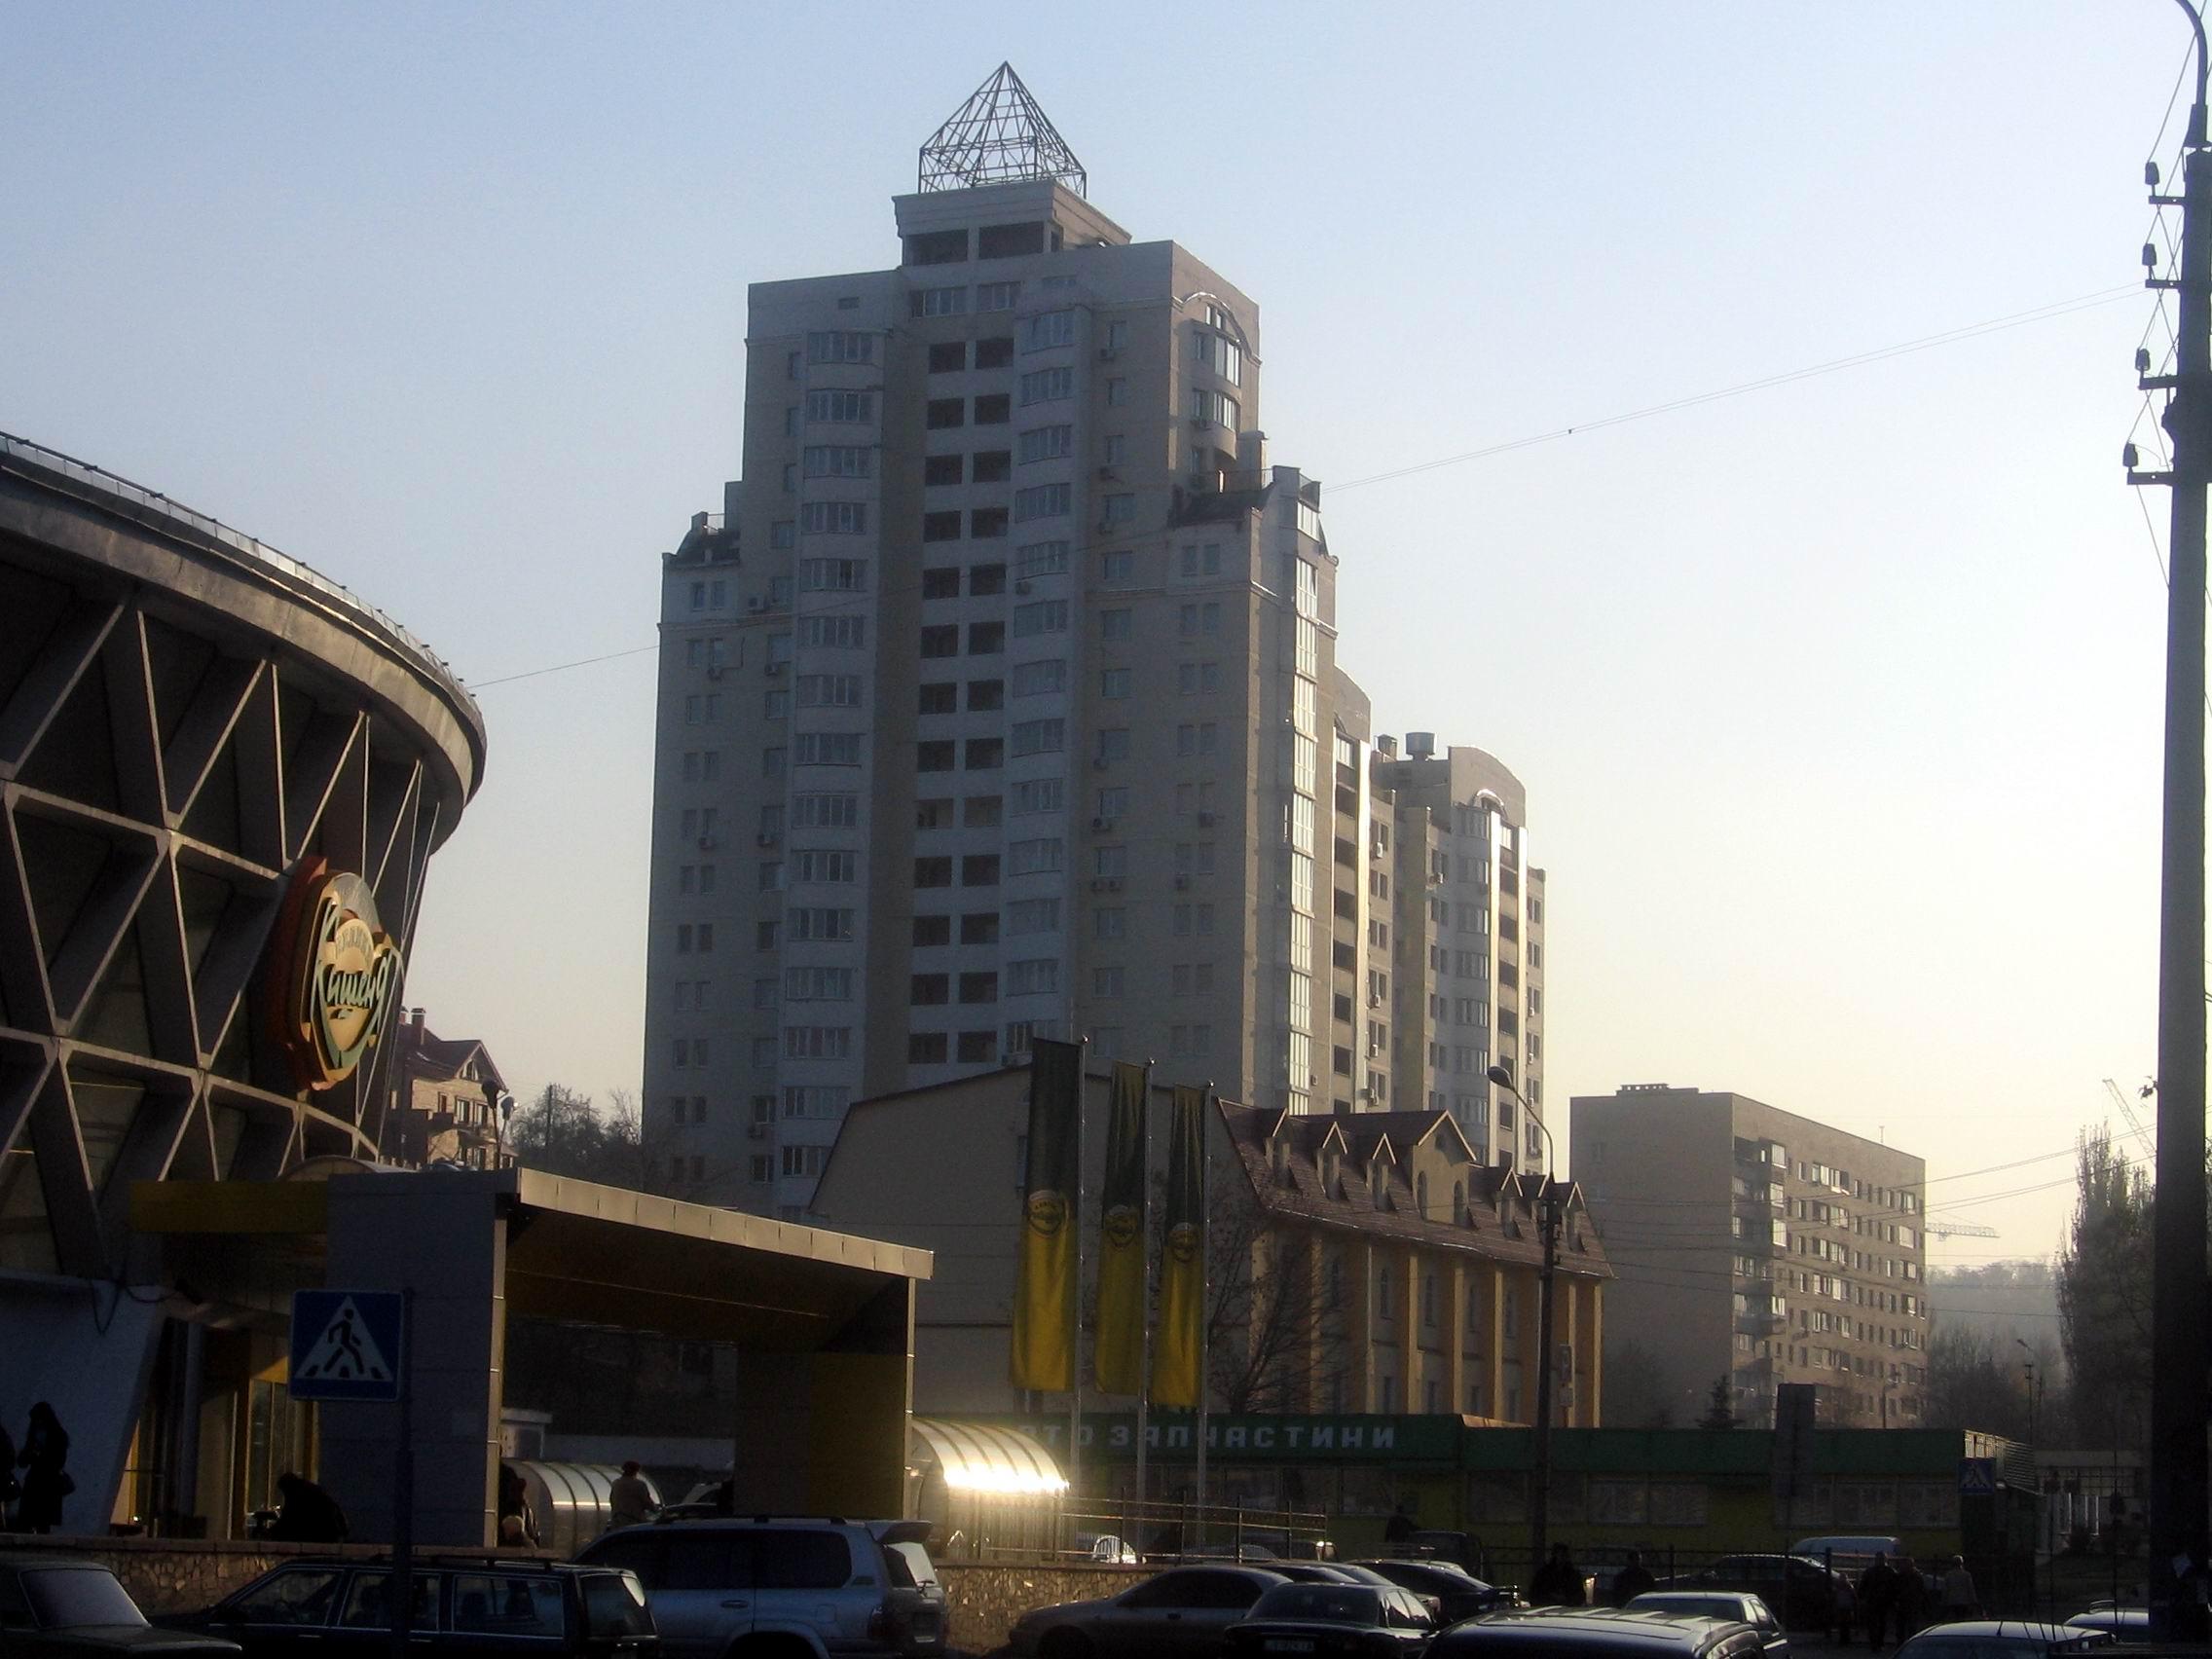 в составе авторского коллектива архитектор Козырев Г.И.